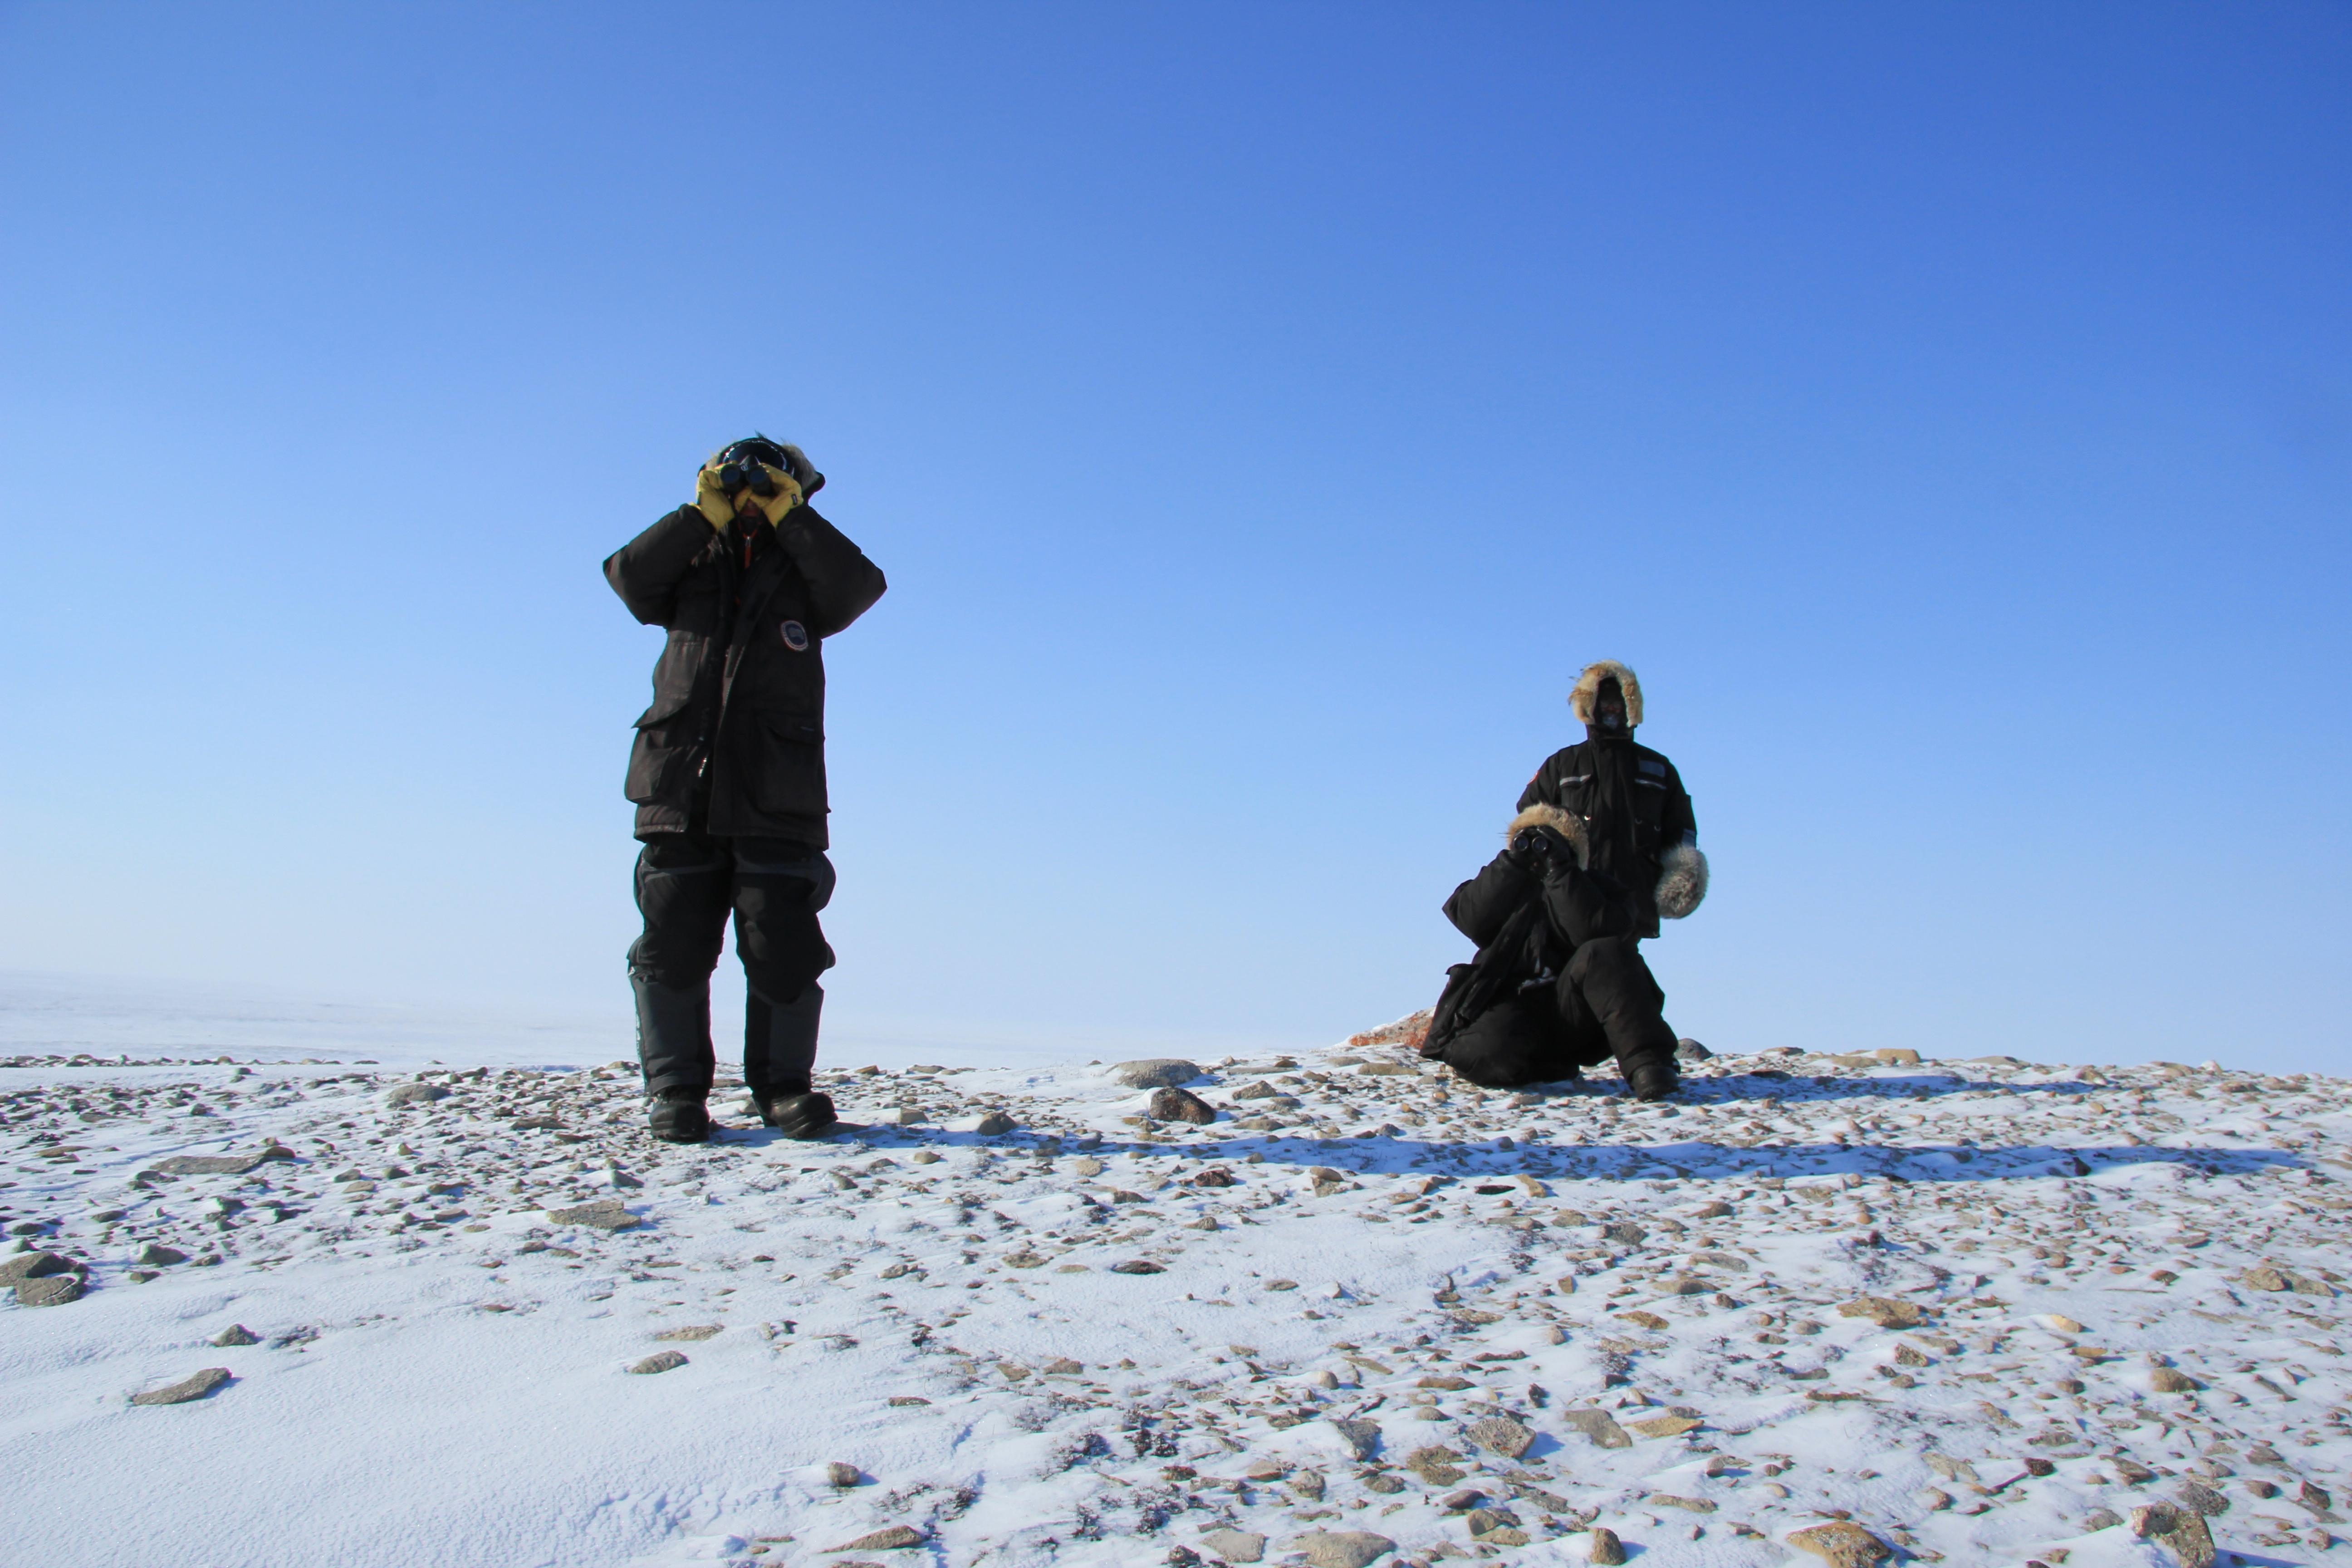 Après plusieurs heures, les chasseurs de Cambridge Bay Ryan Angohiatok (à gauche), Roland Emingak (à droite) et Colin Amegainek (assis) scrutent l'horizon avec leurs jumelles du haut d'une colline pour tenter de repérer au loin des boeufs musqués. (Eilís Quinn/Regard sur l'Arctique)